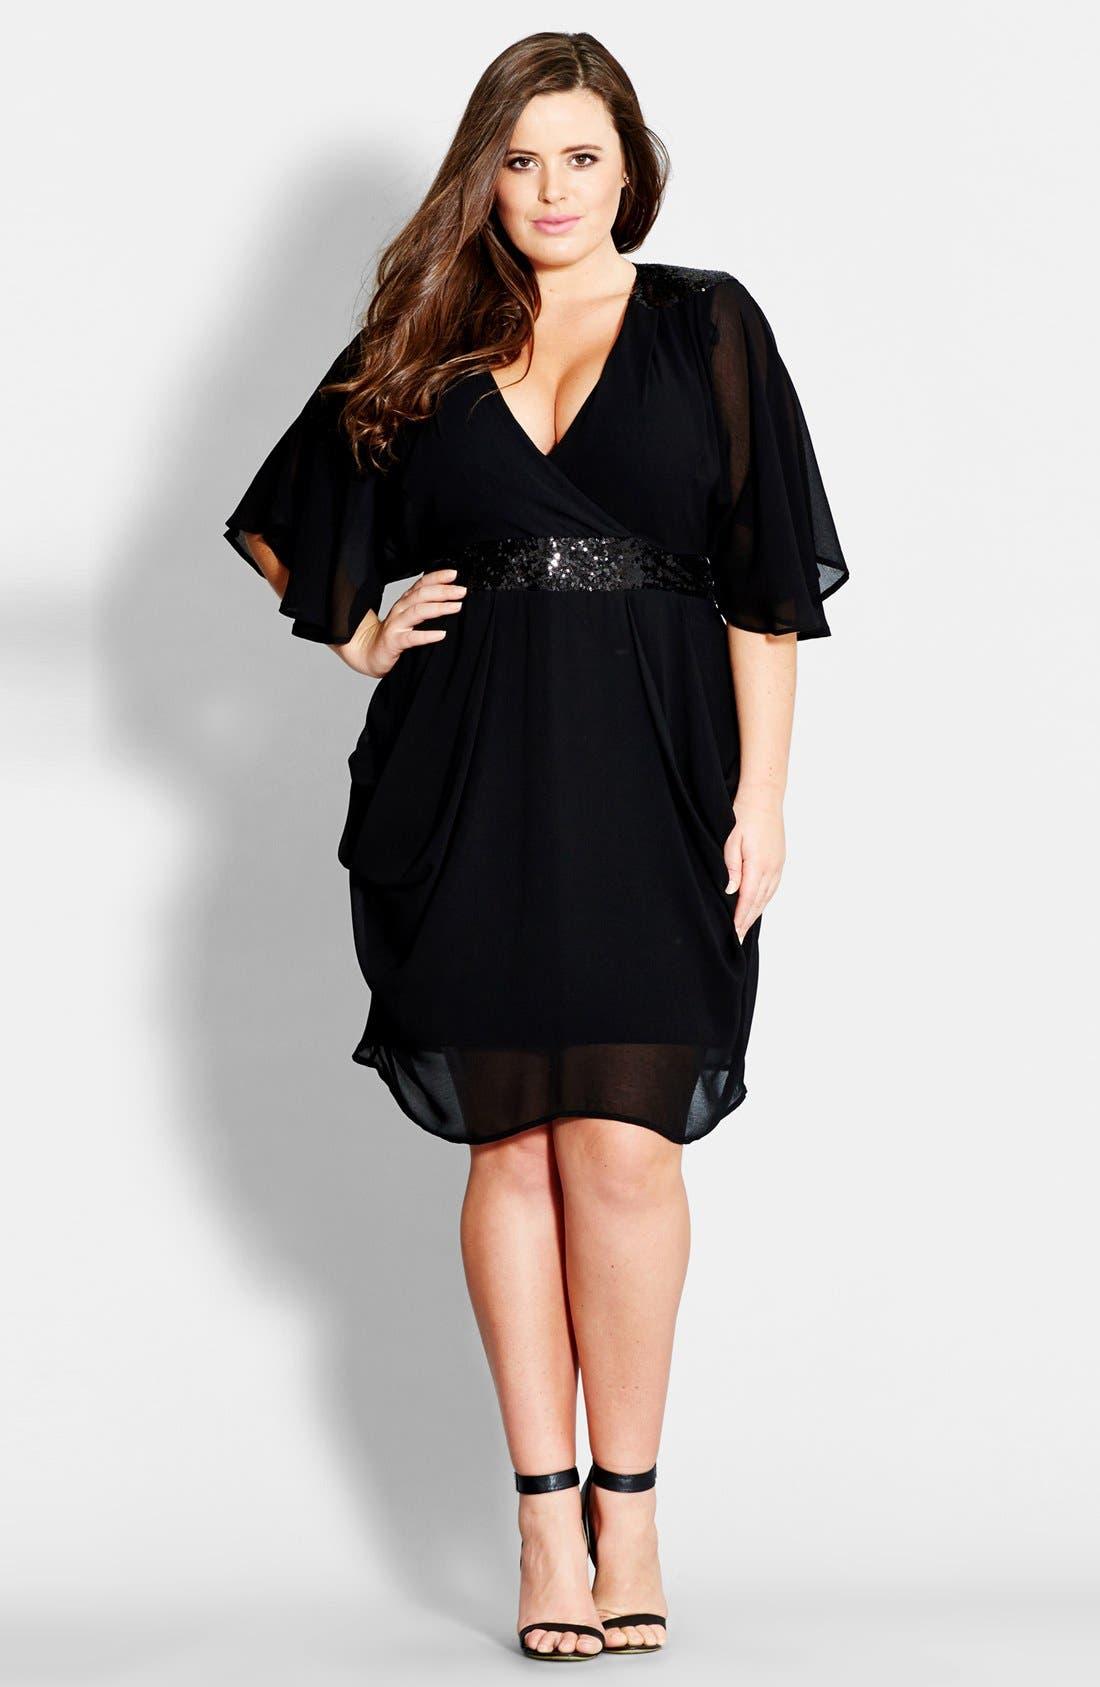 Plus Size Black Sequin Cocktail Dress